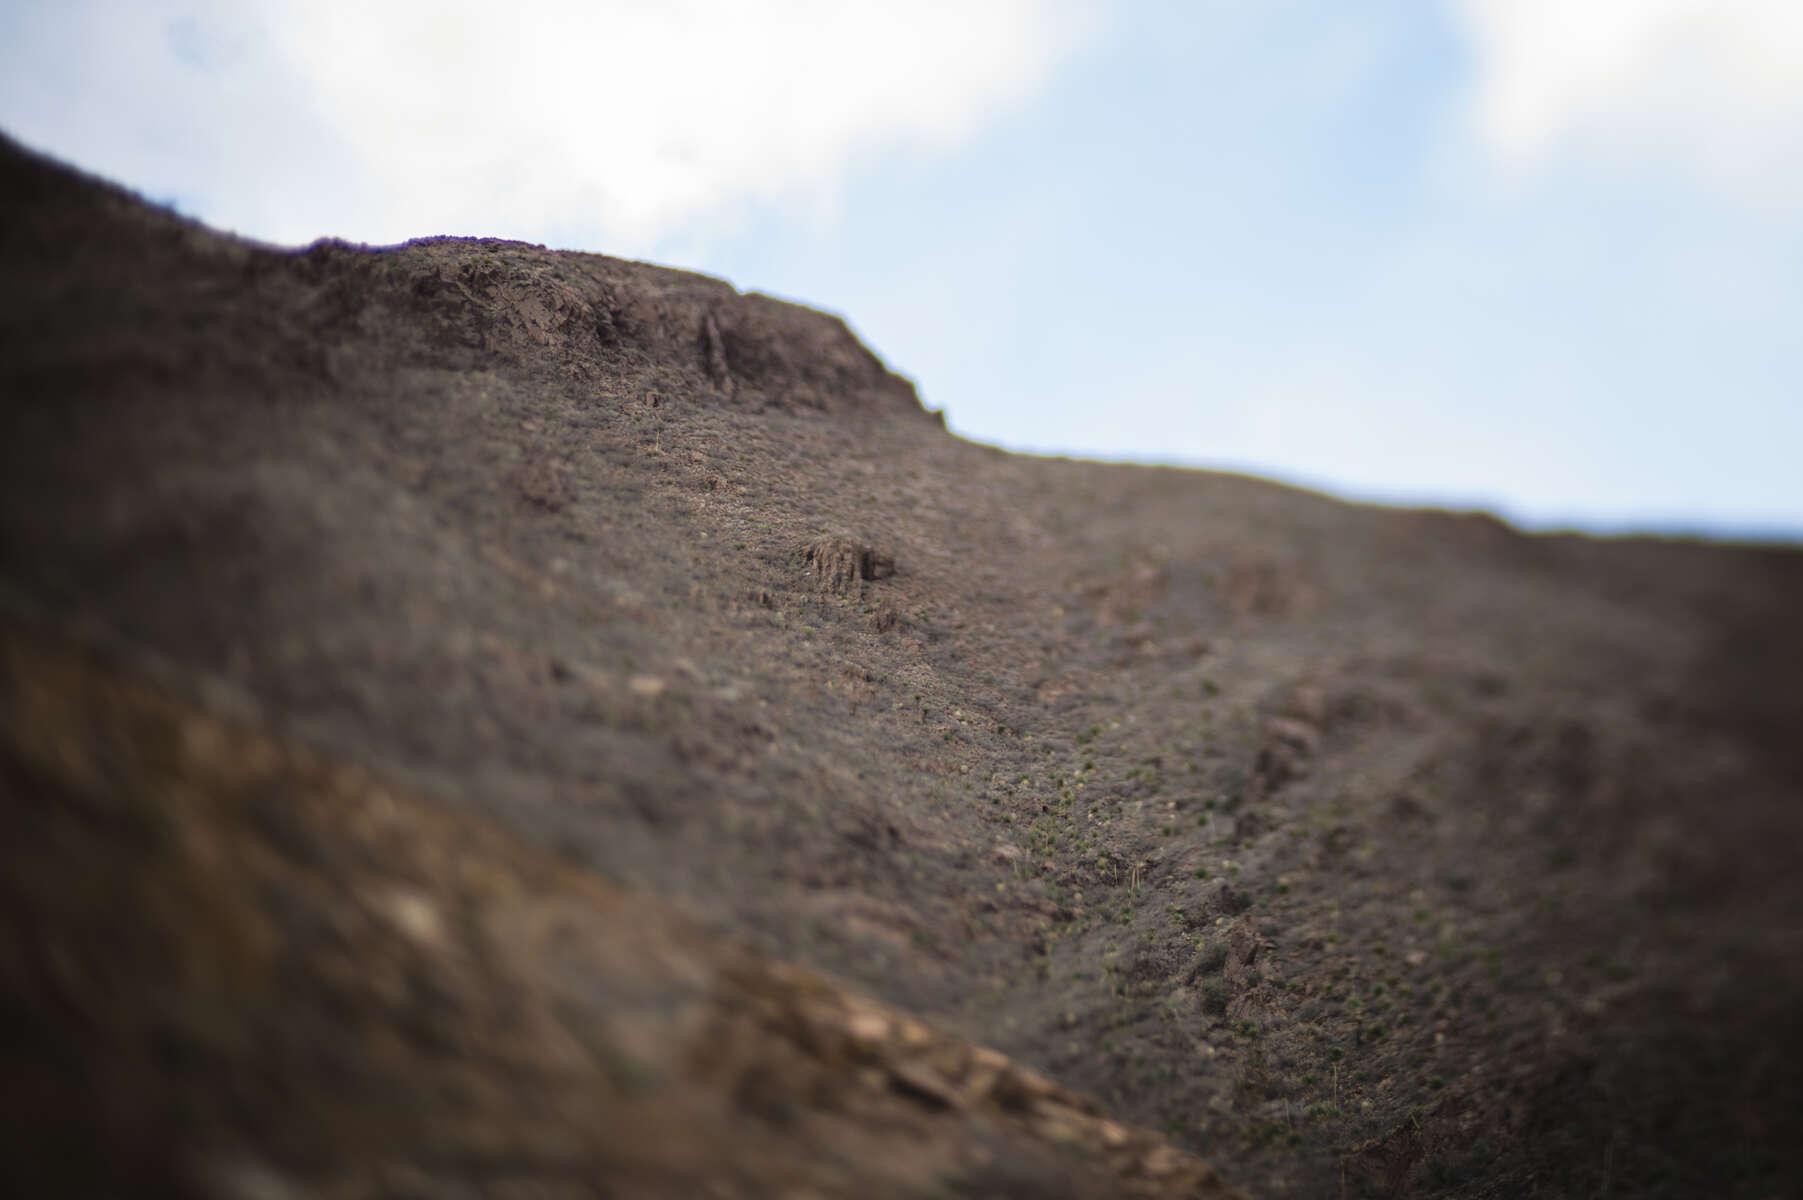 Rocks will fall.